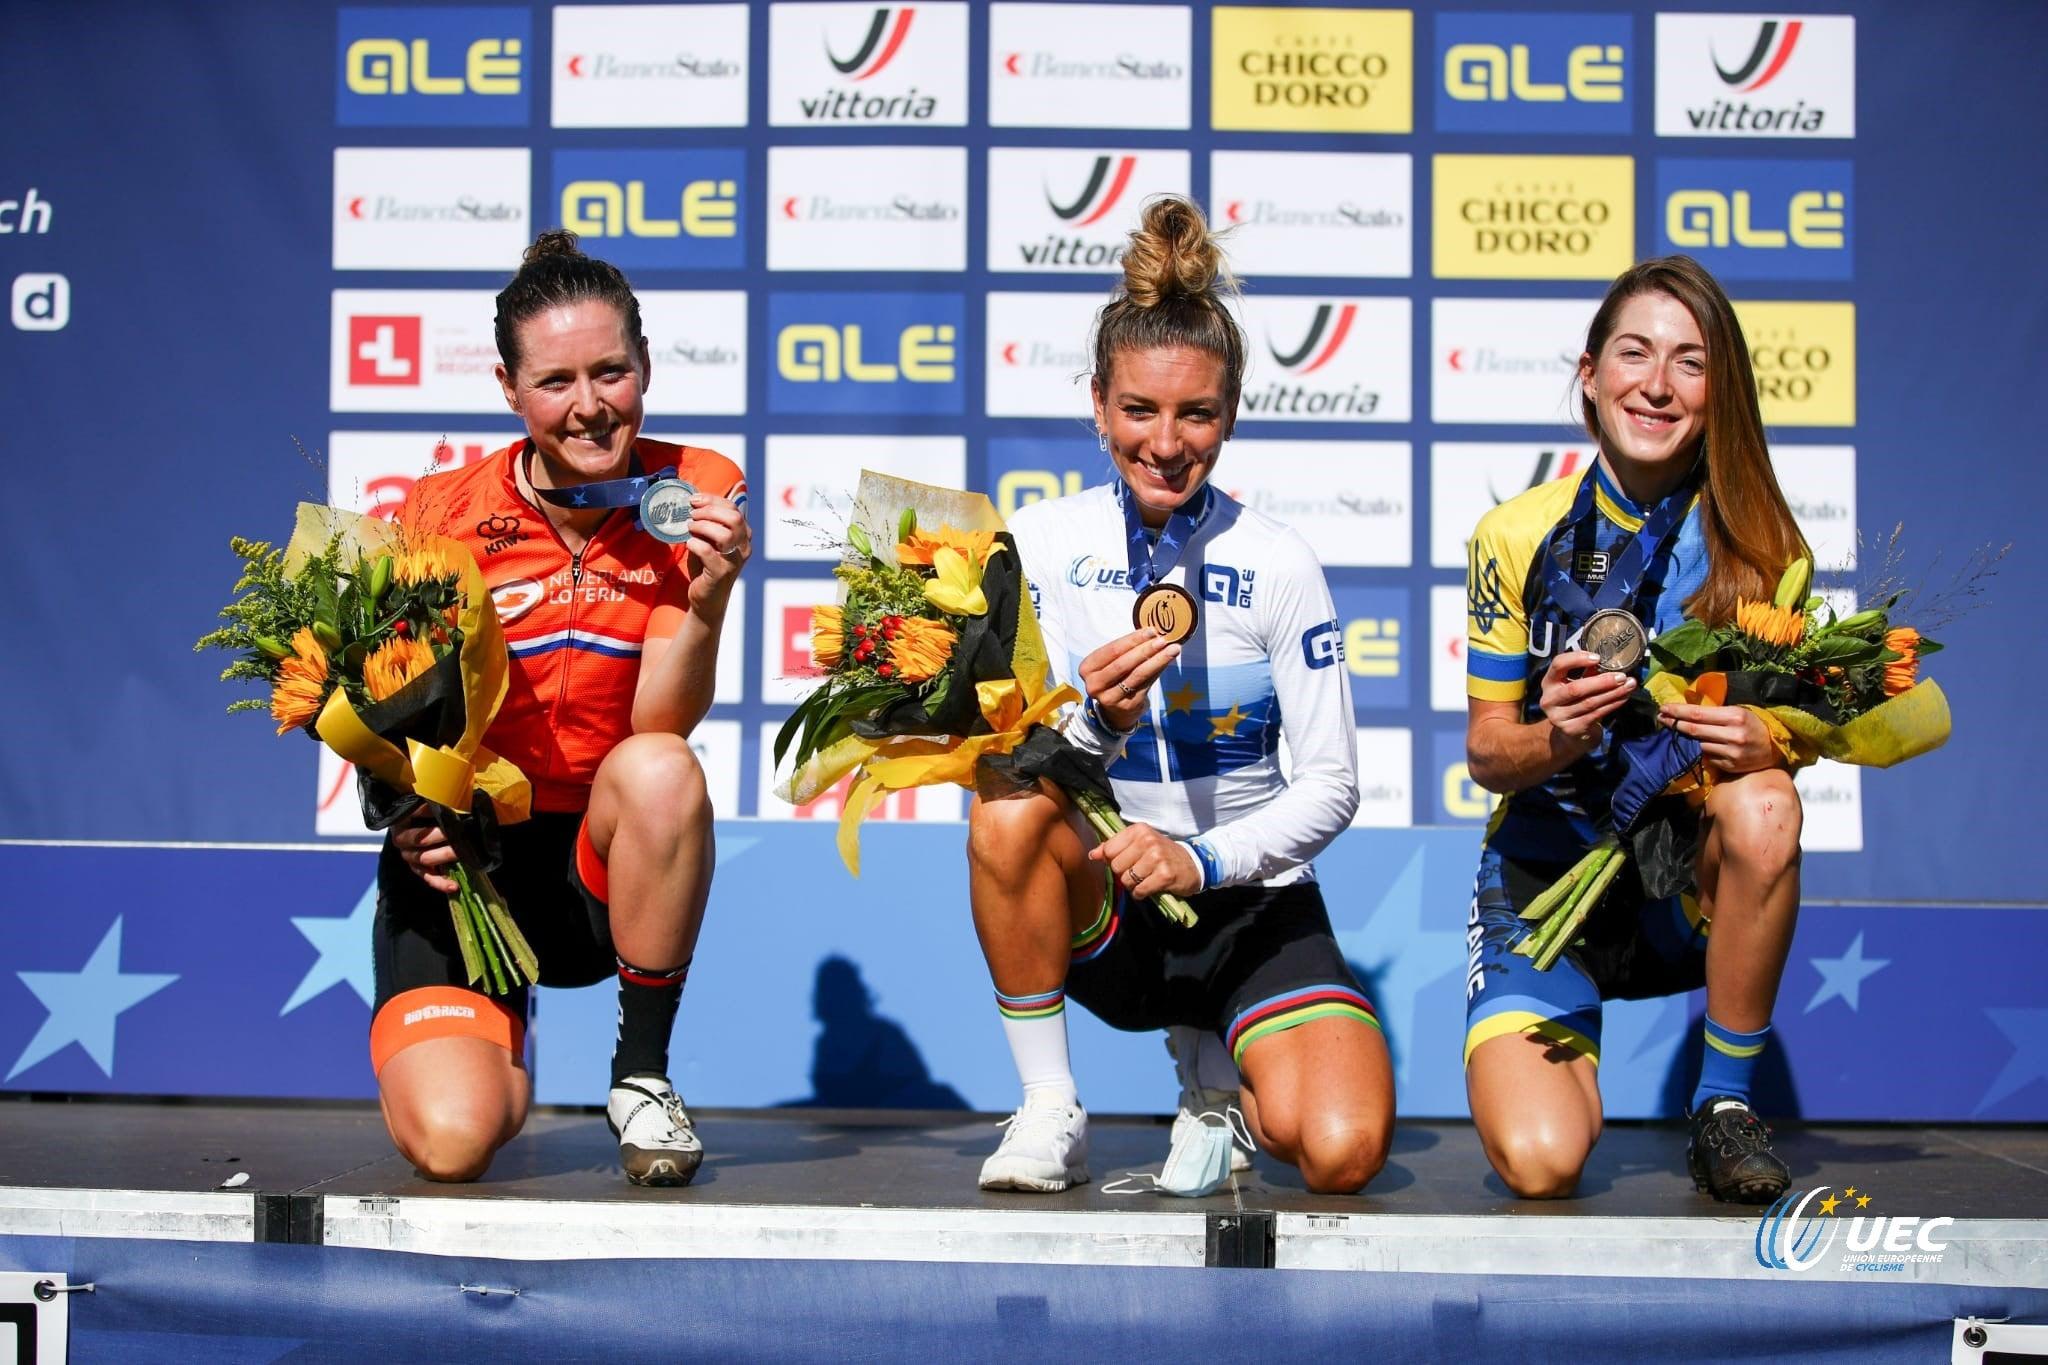 Il podio del Campionato Europeo XCO Donne Elite 2020 (foto UEC/Michele Mondini)